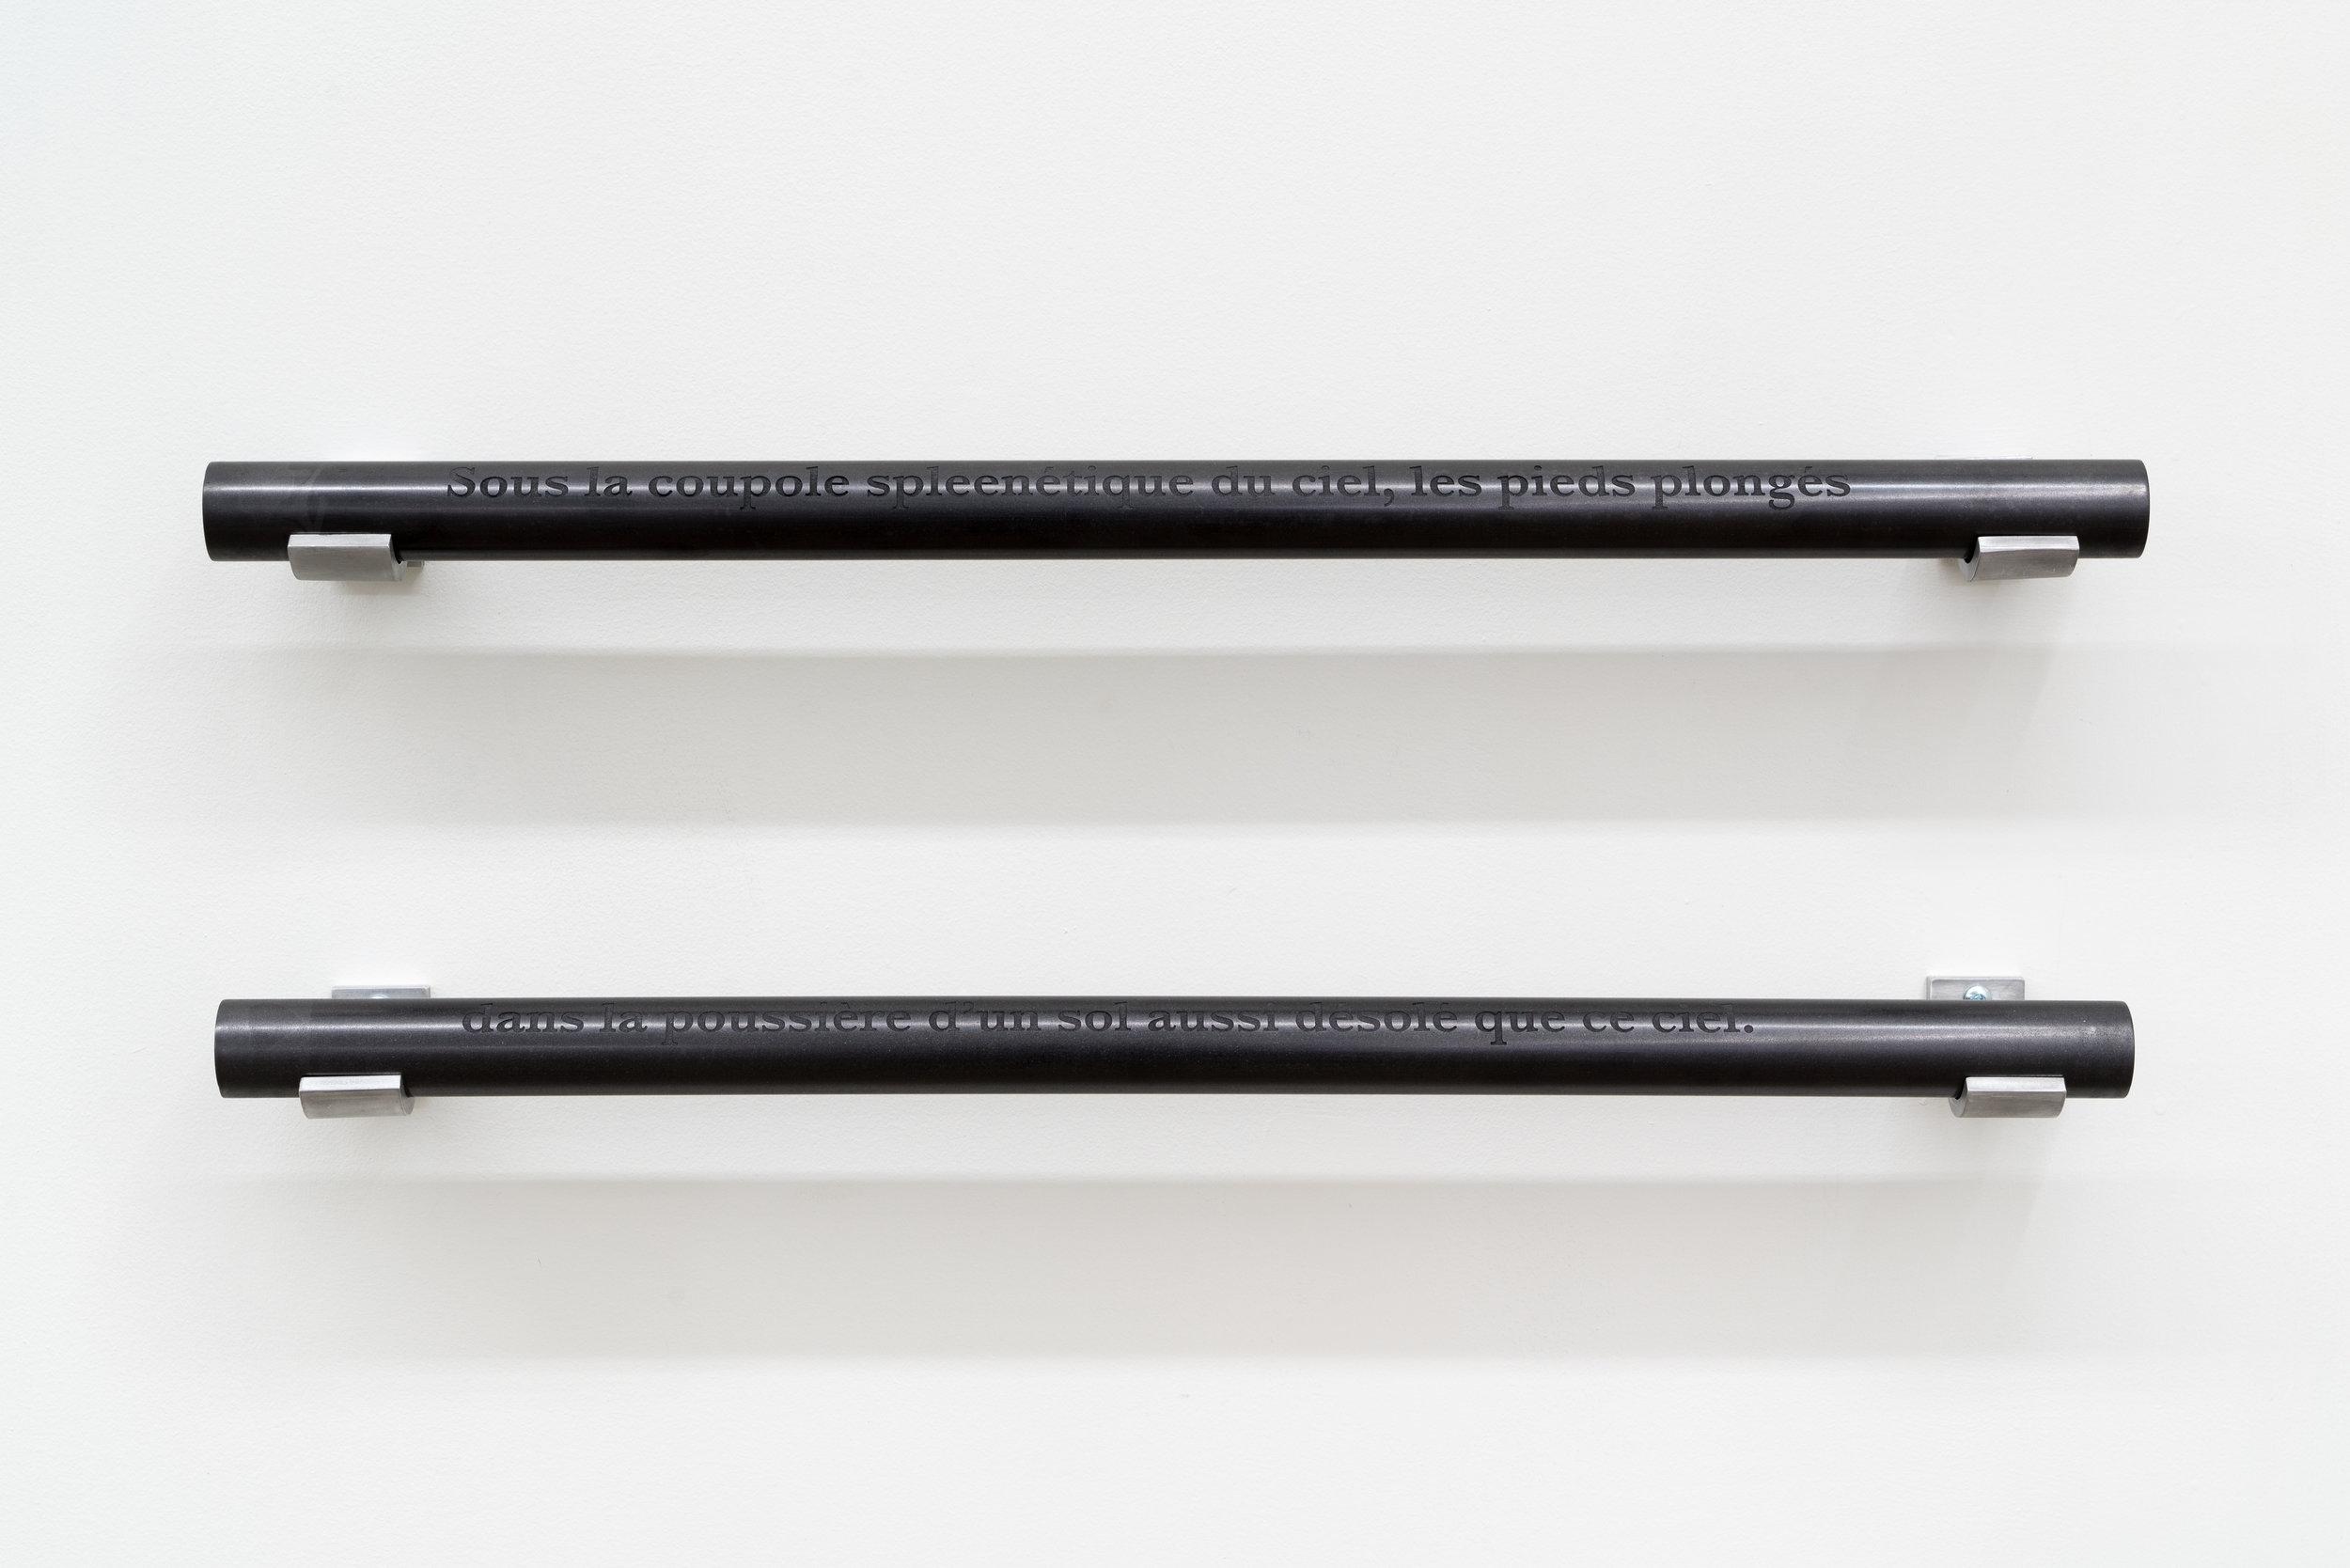 """Carl Trahan,  Sous la coupole spleenétique , 2018, tiges de graphites gravées et aluminium, 20 x 61 x 7 cm (8"""" x 24"""" x 3"""")"""